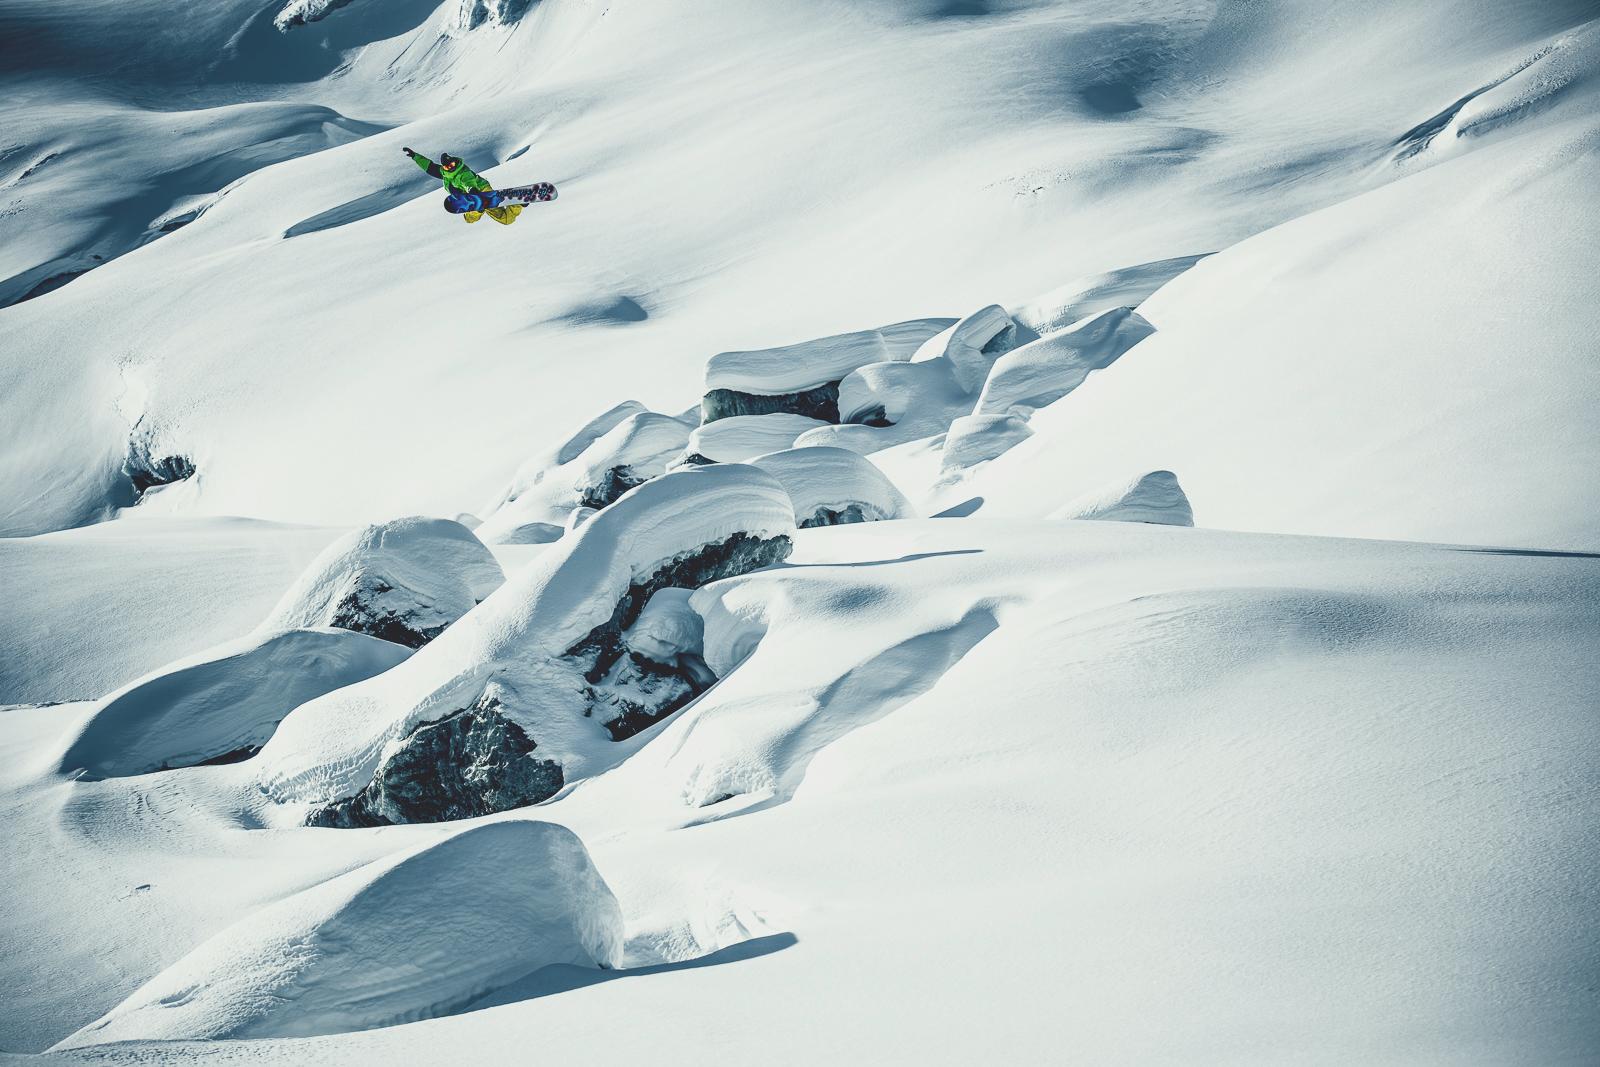 FrederikKalbermatten_SaasFee_Method_Snowboarding_Ice_SilvanoZeiter